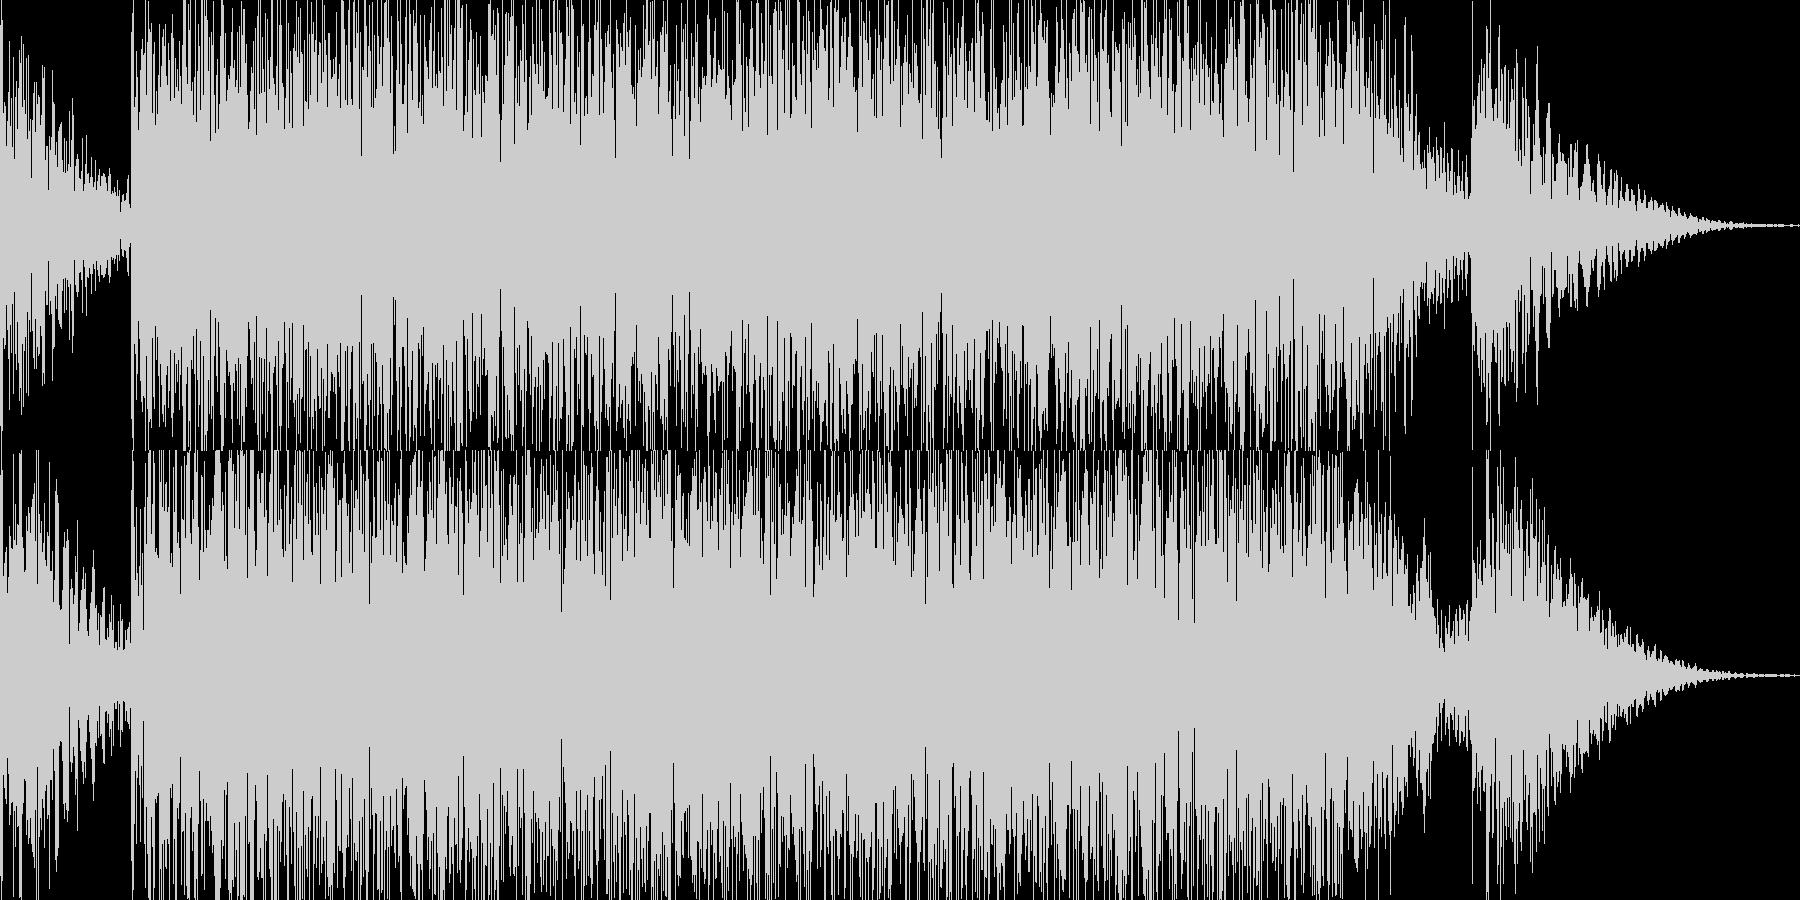 ドコドコドン 太鼓 ドラムロールの未再生の波形